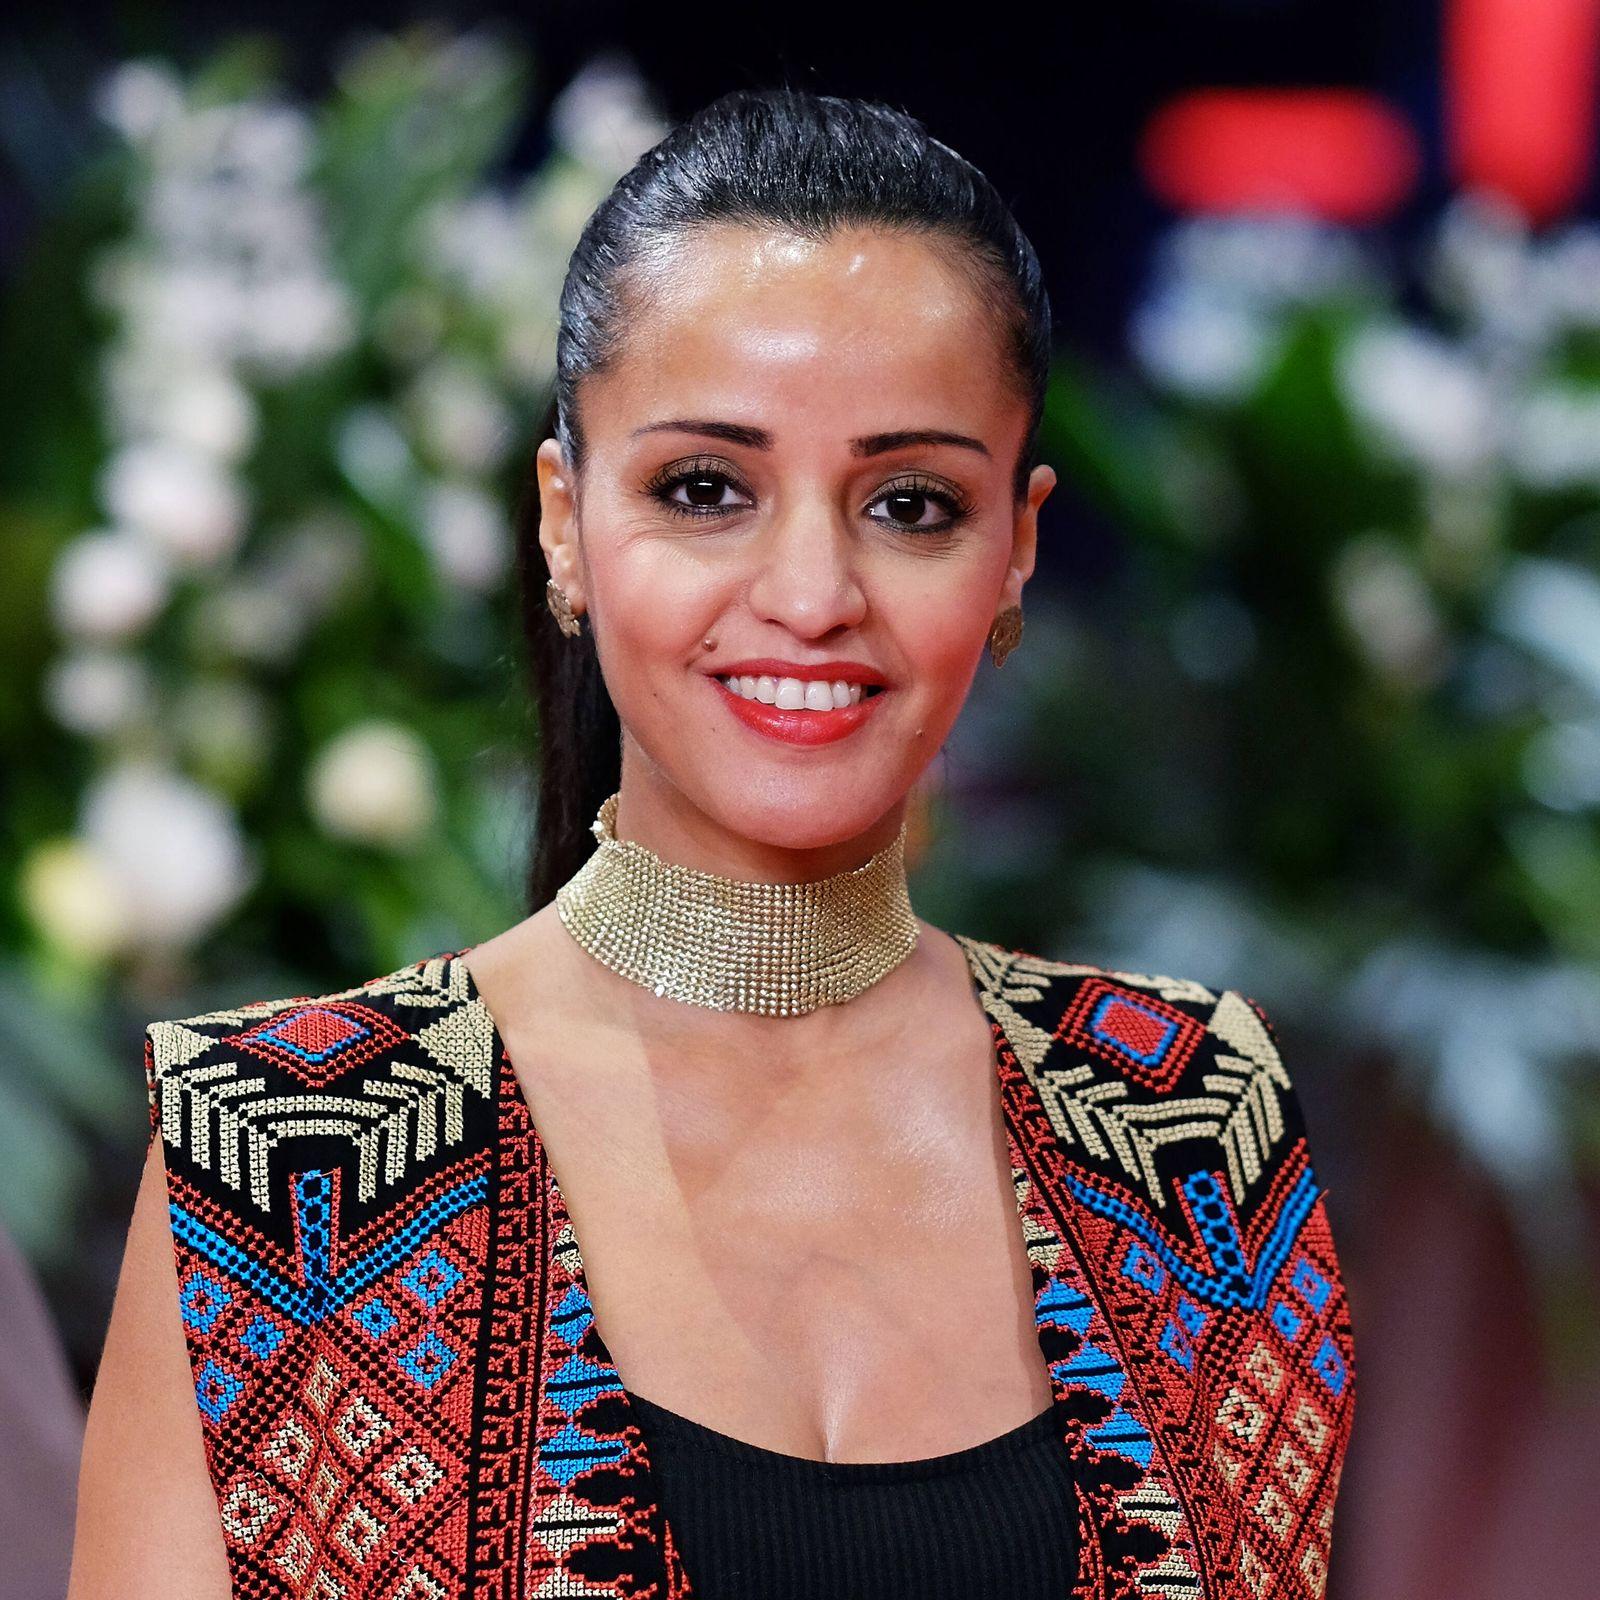 Politikerin Sawsan Chebli anl‰sslich der Preisverleihung der 70. Internationalen Filmfestspiele Berlin snapshot-photogra